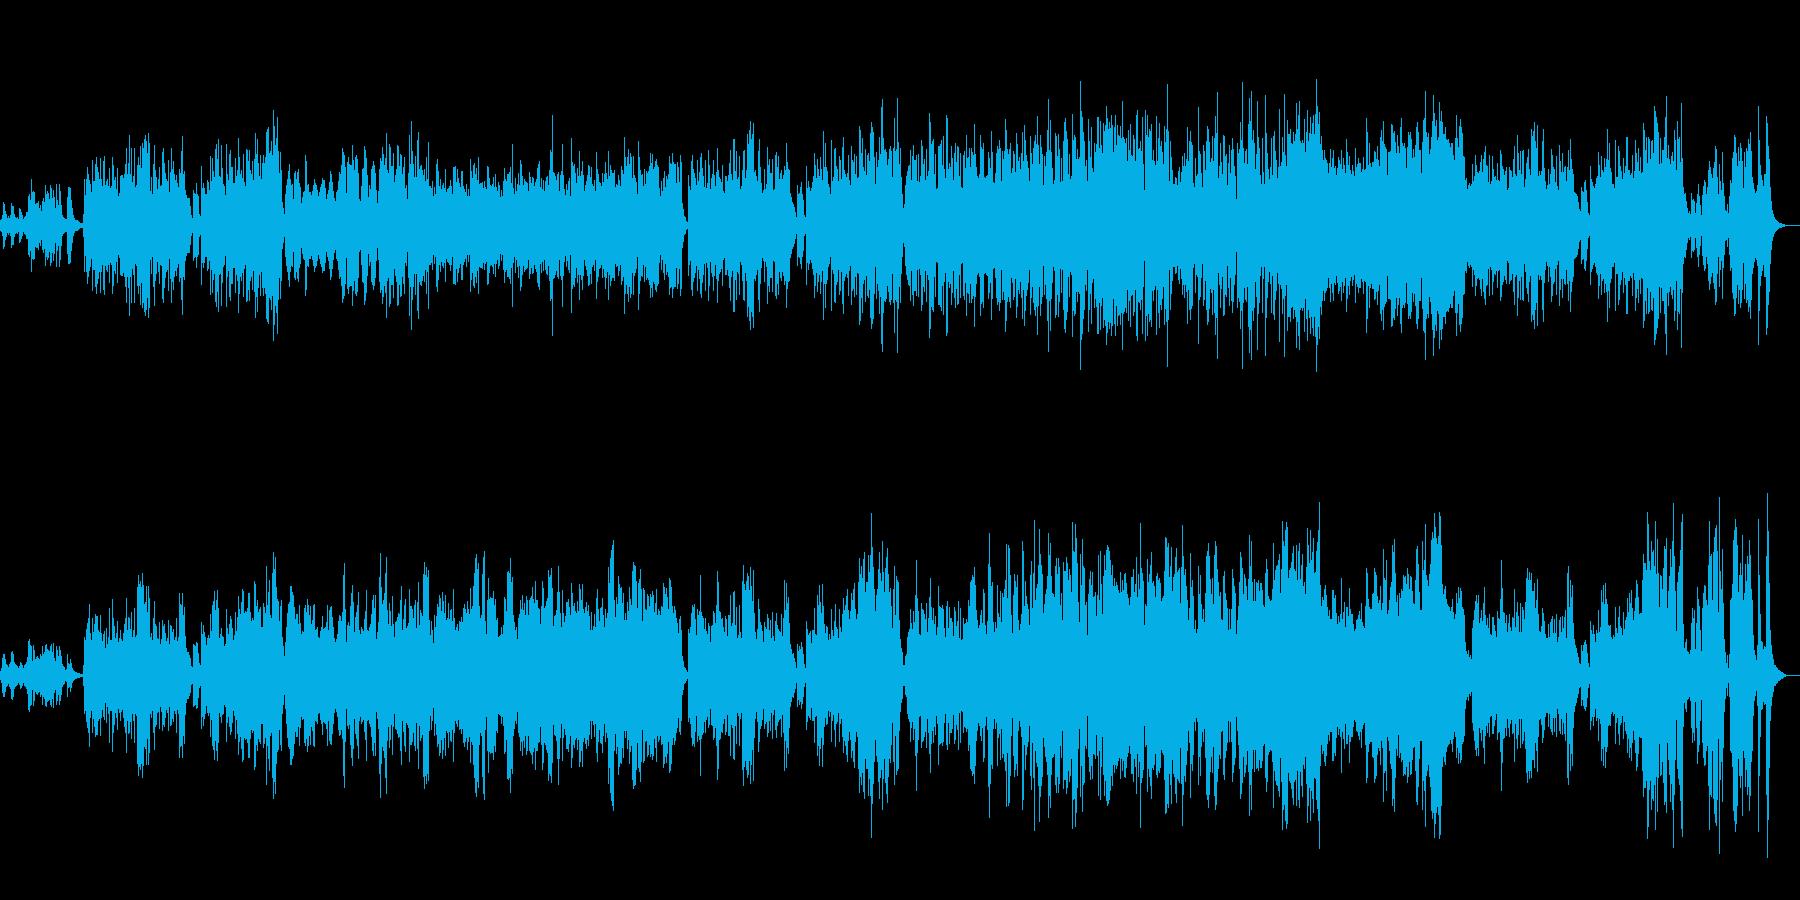 メルヘンチックのワルツの再生済みの波形